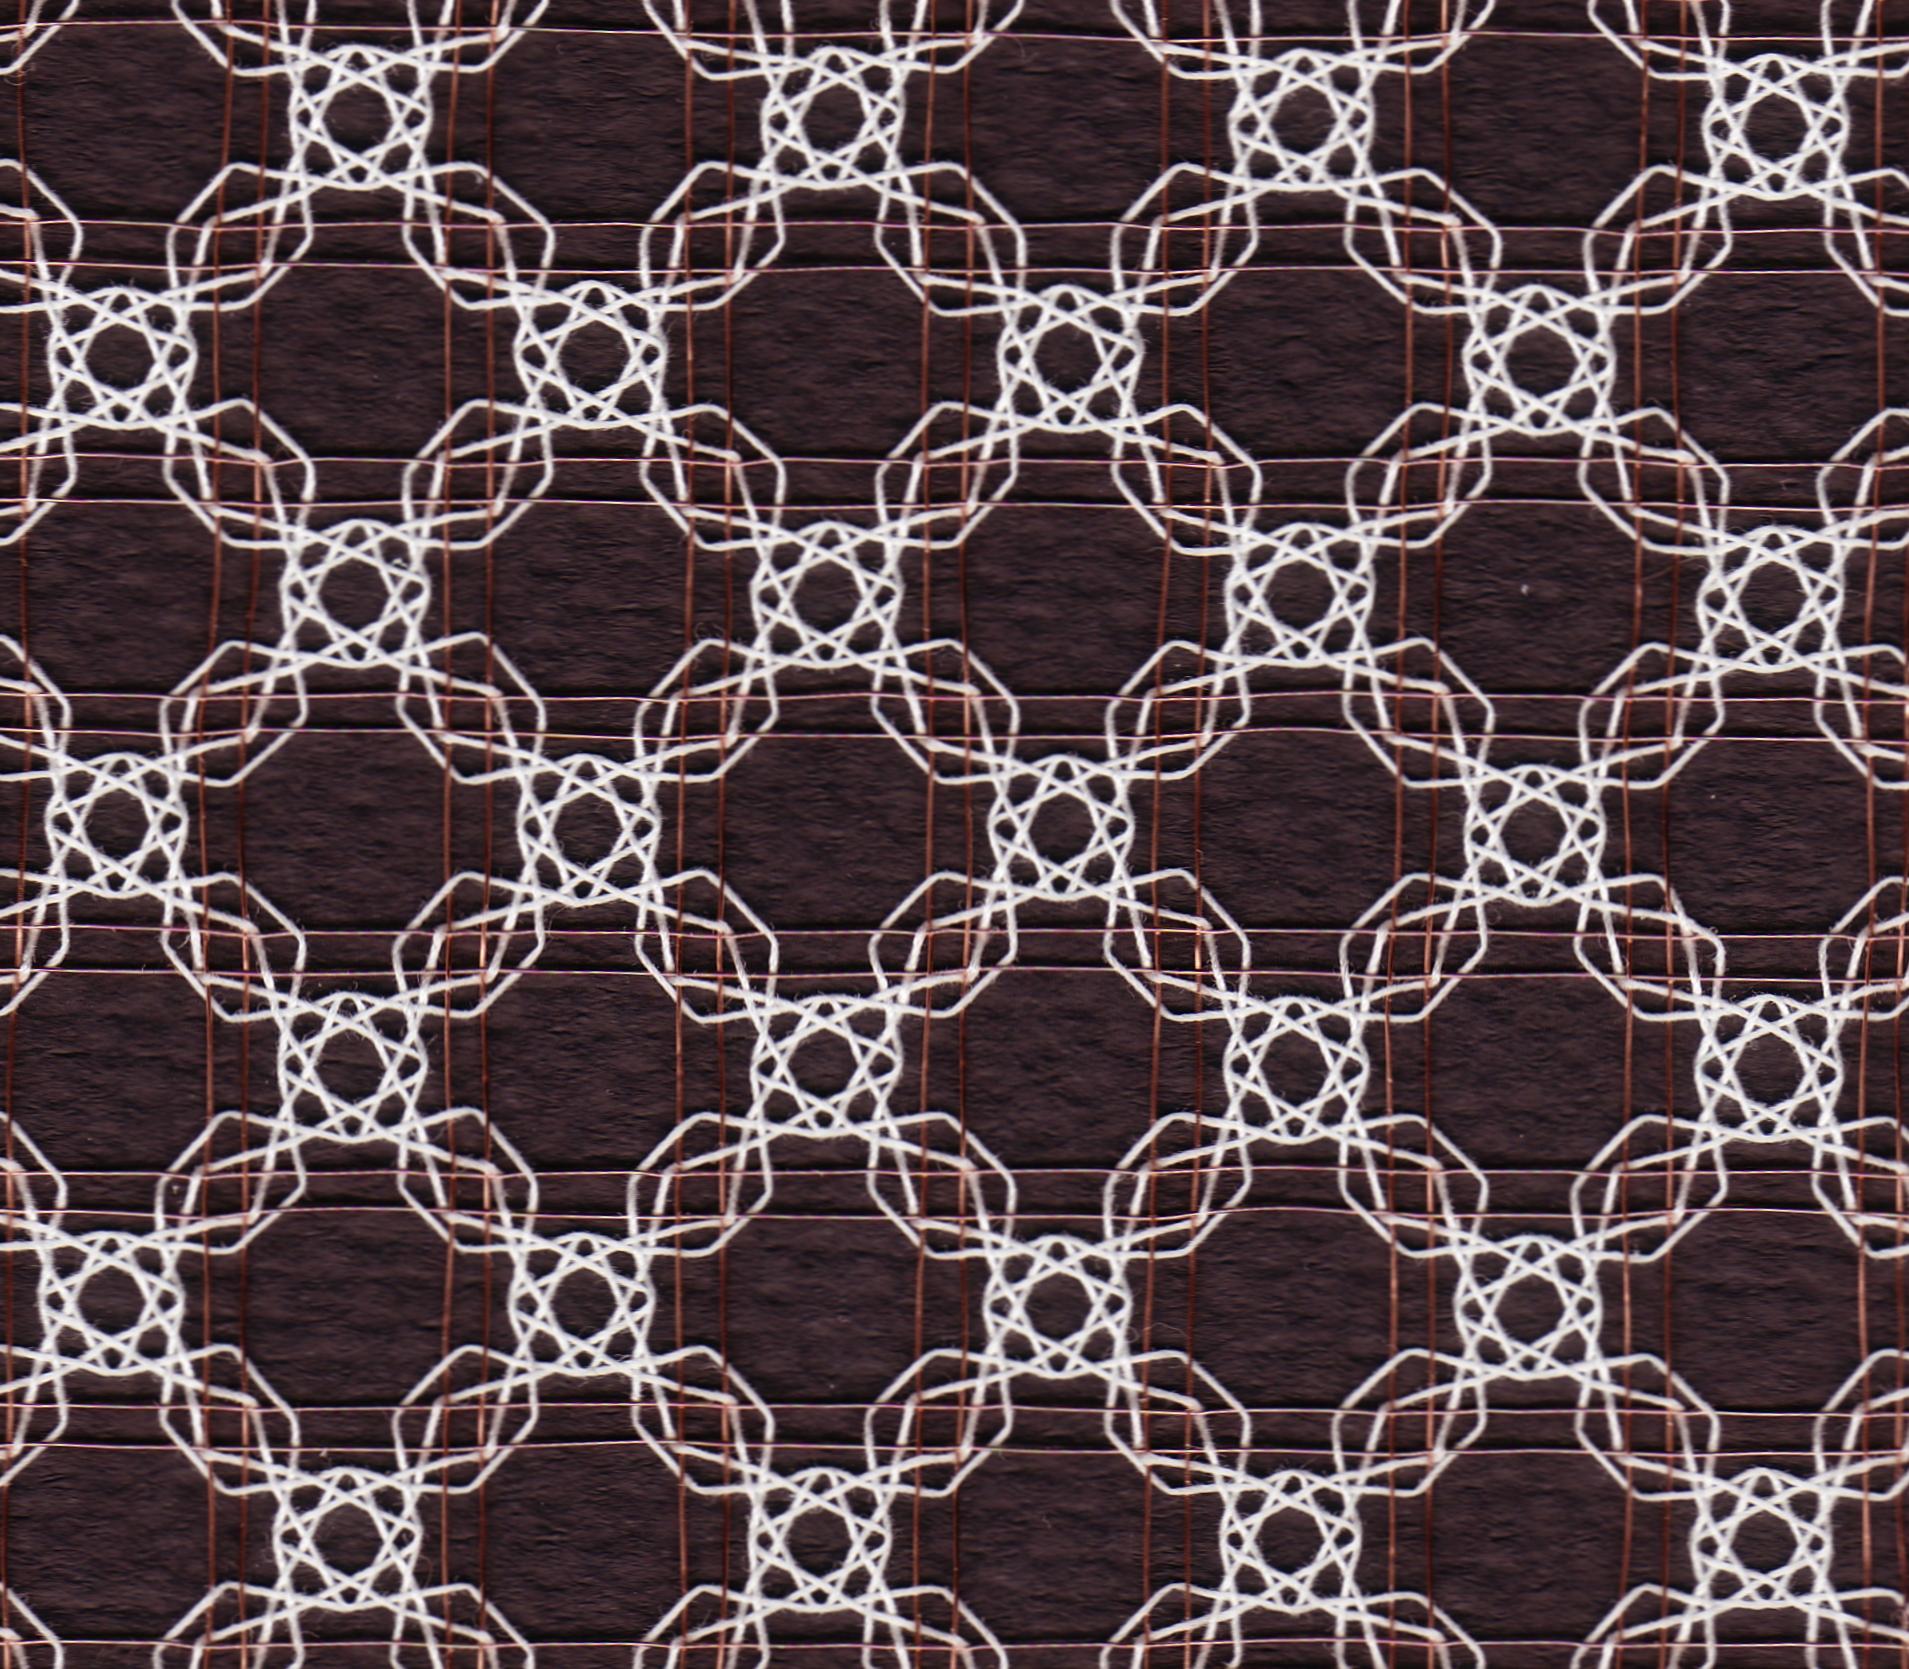 White roses on a copper lattice